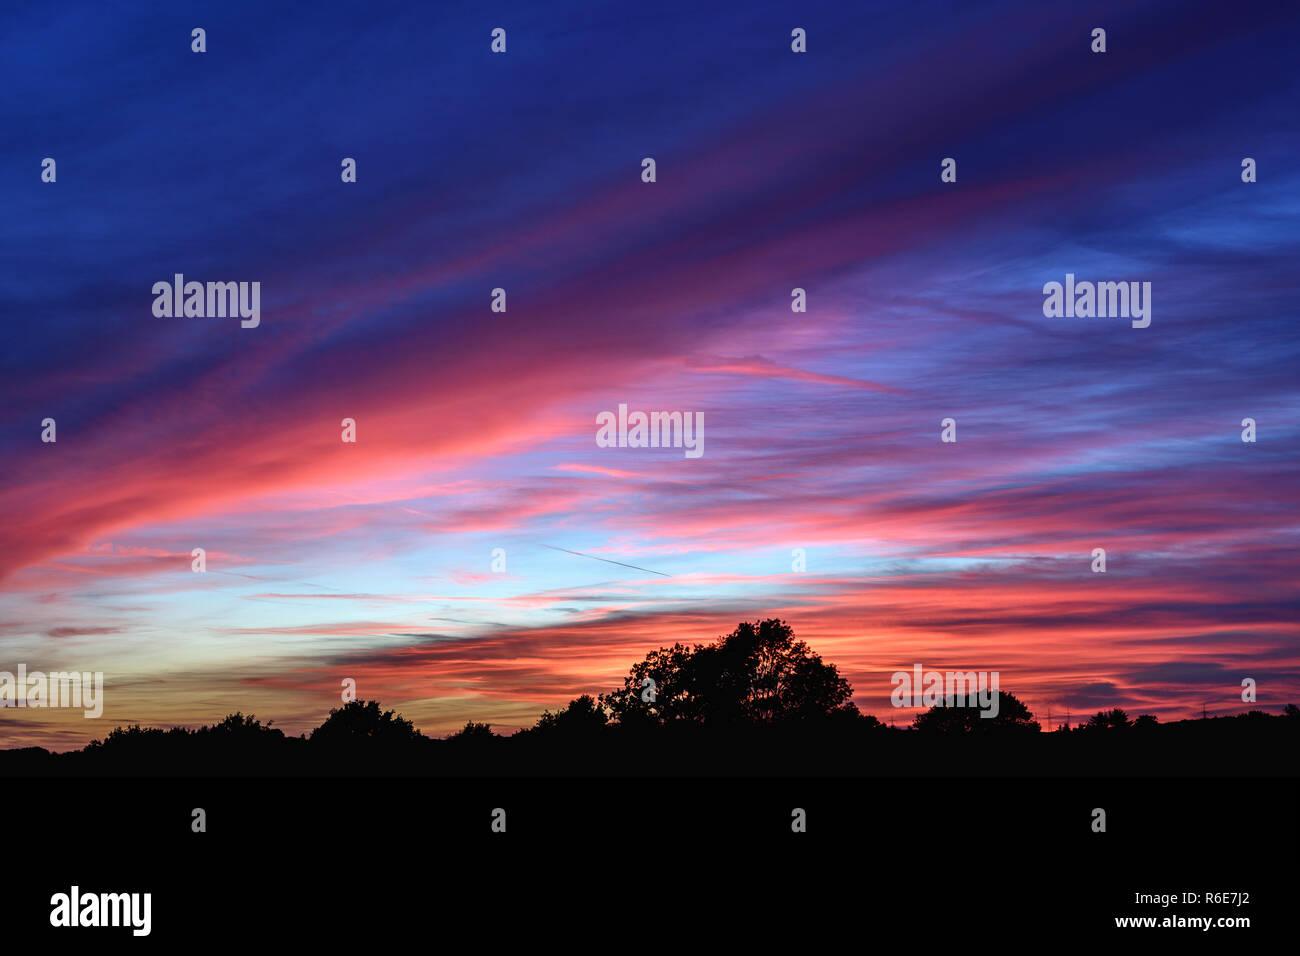 Blaue Stunde nach Sonnenuntergang blau roter Himmel über Bäumen - Stock Image